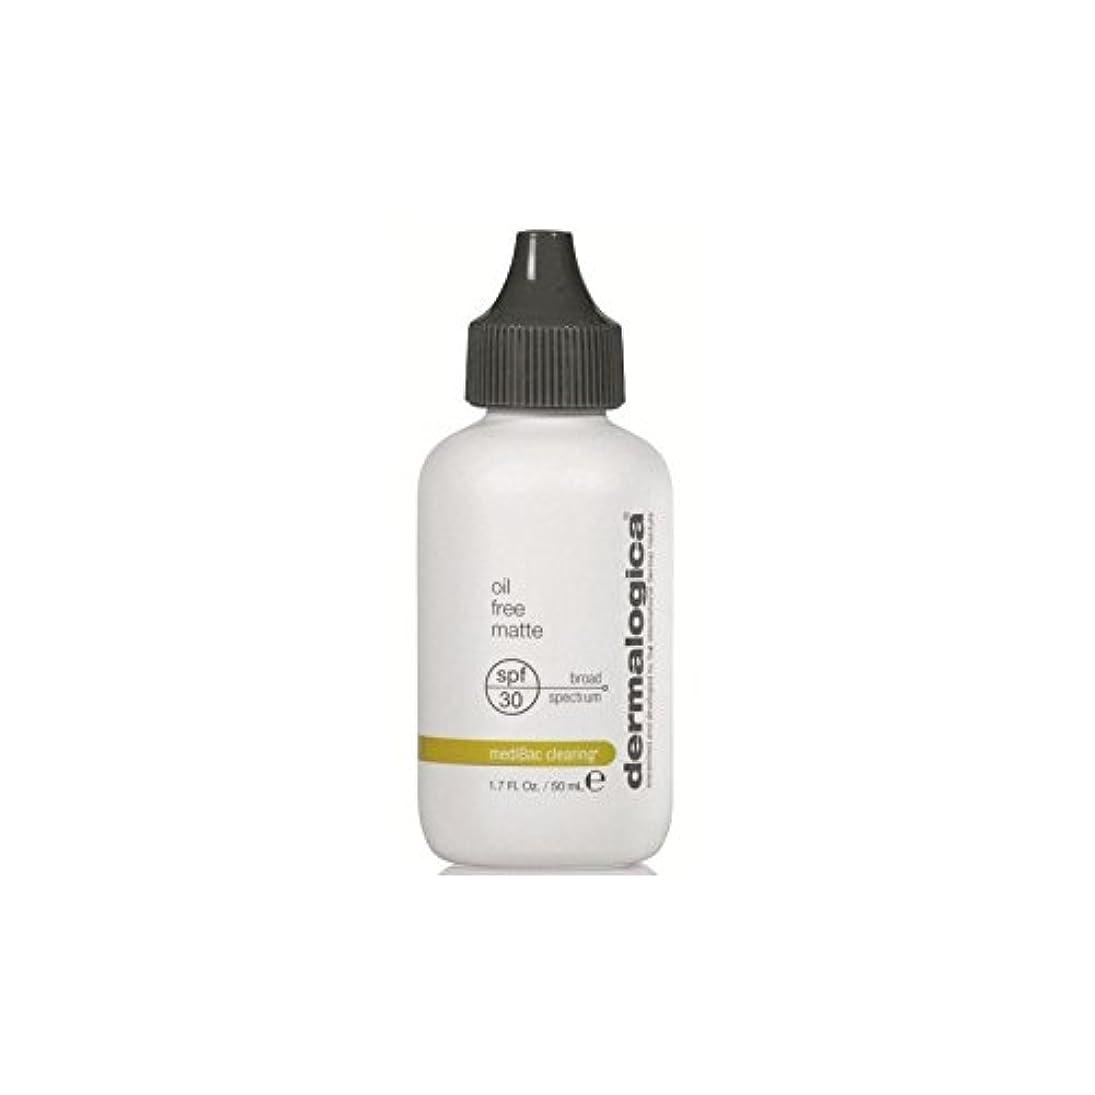 中安価なリズミカルなDermalogica Oil-Free Matte Spf 30 - ダーマロジカオイルフリーマット 30 [並行輸入品]